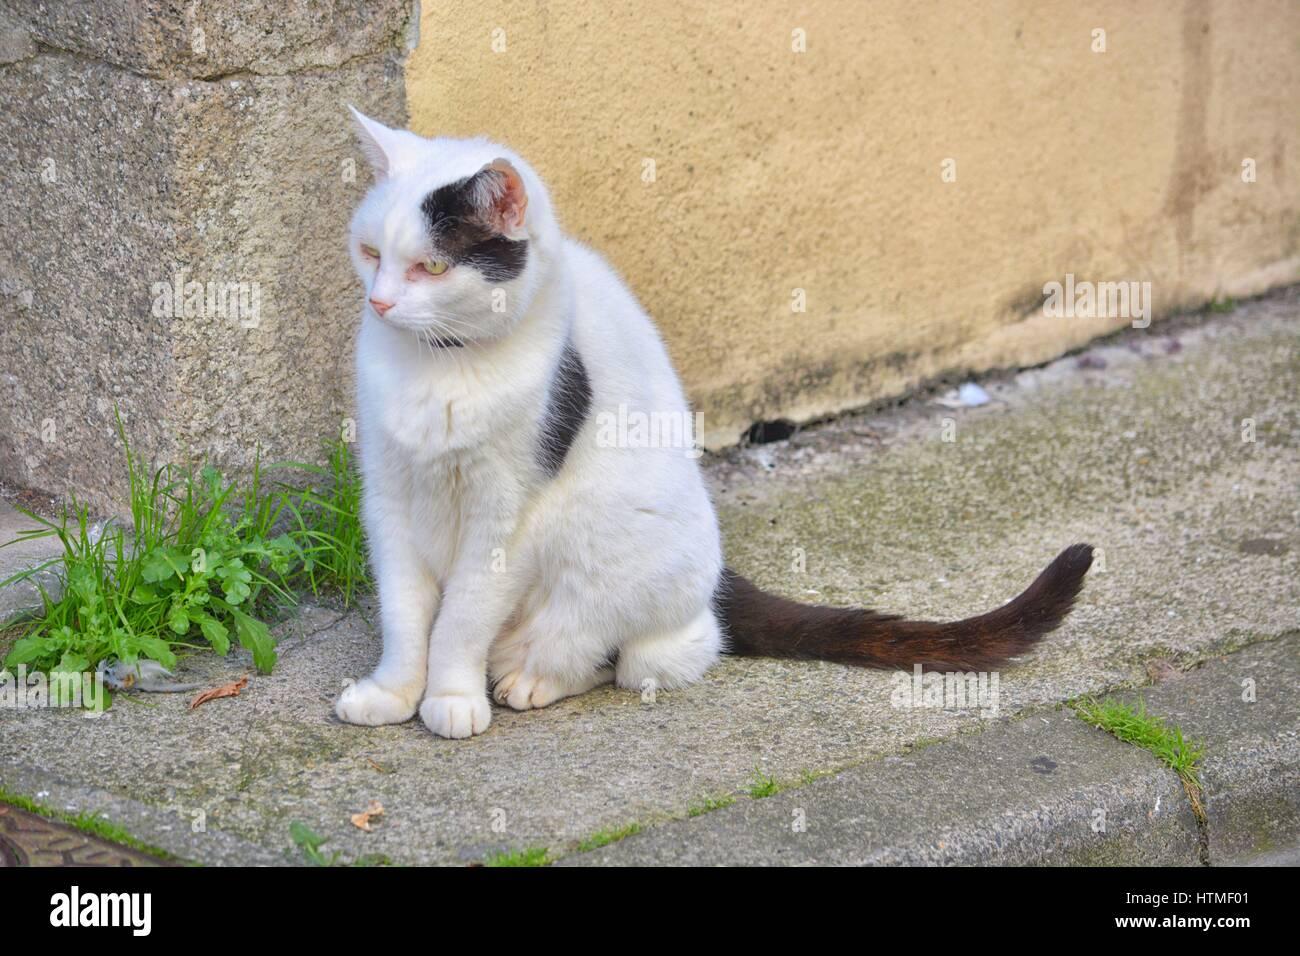 chat des villes. - Stock Image